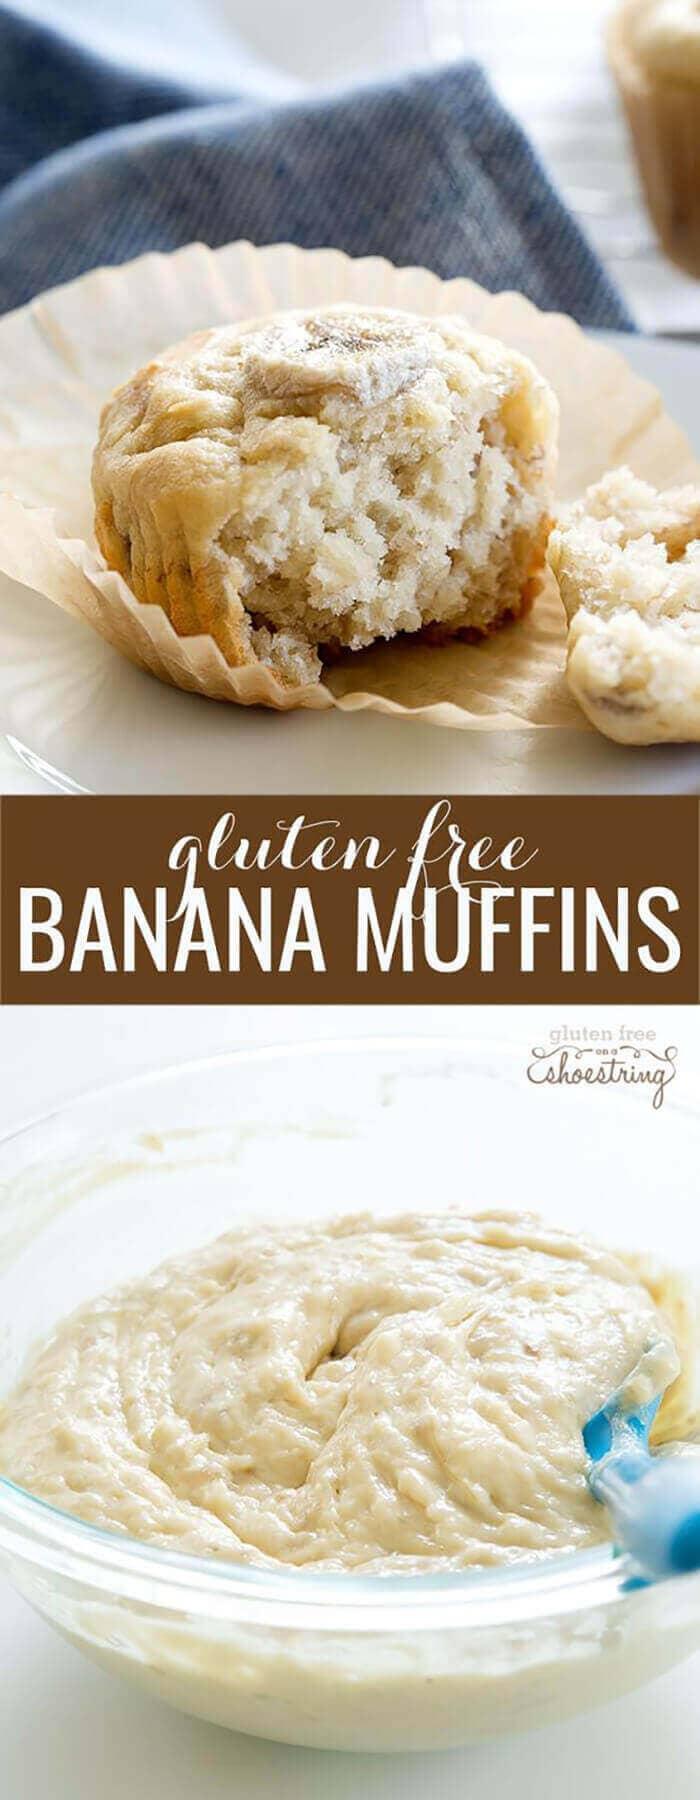 Classic Gluten-free Banana Muffins